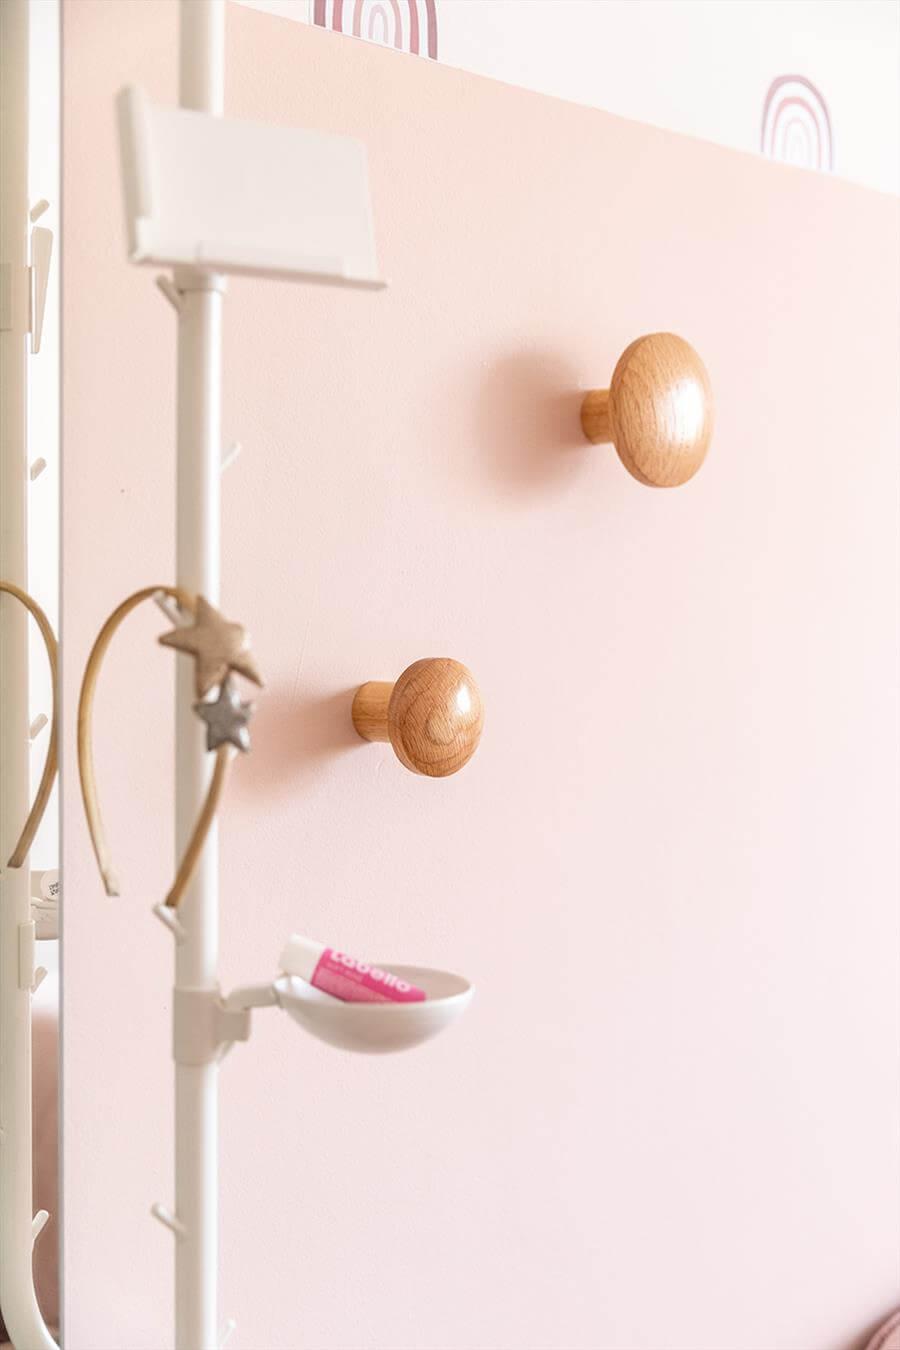 עיצוב מירית פיש | צילום אורית ארנון